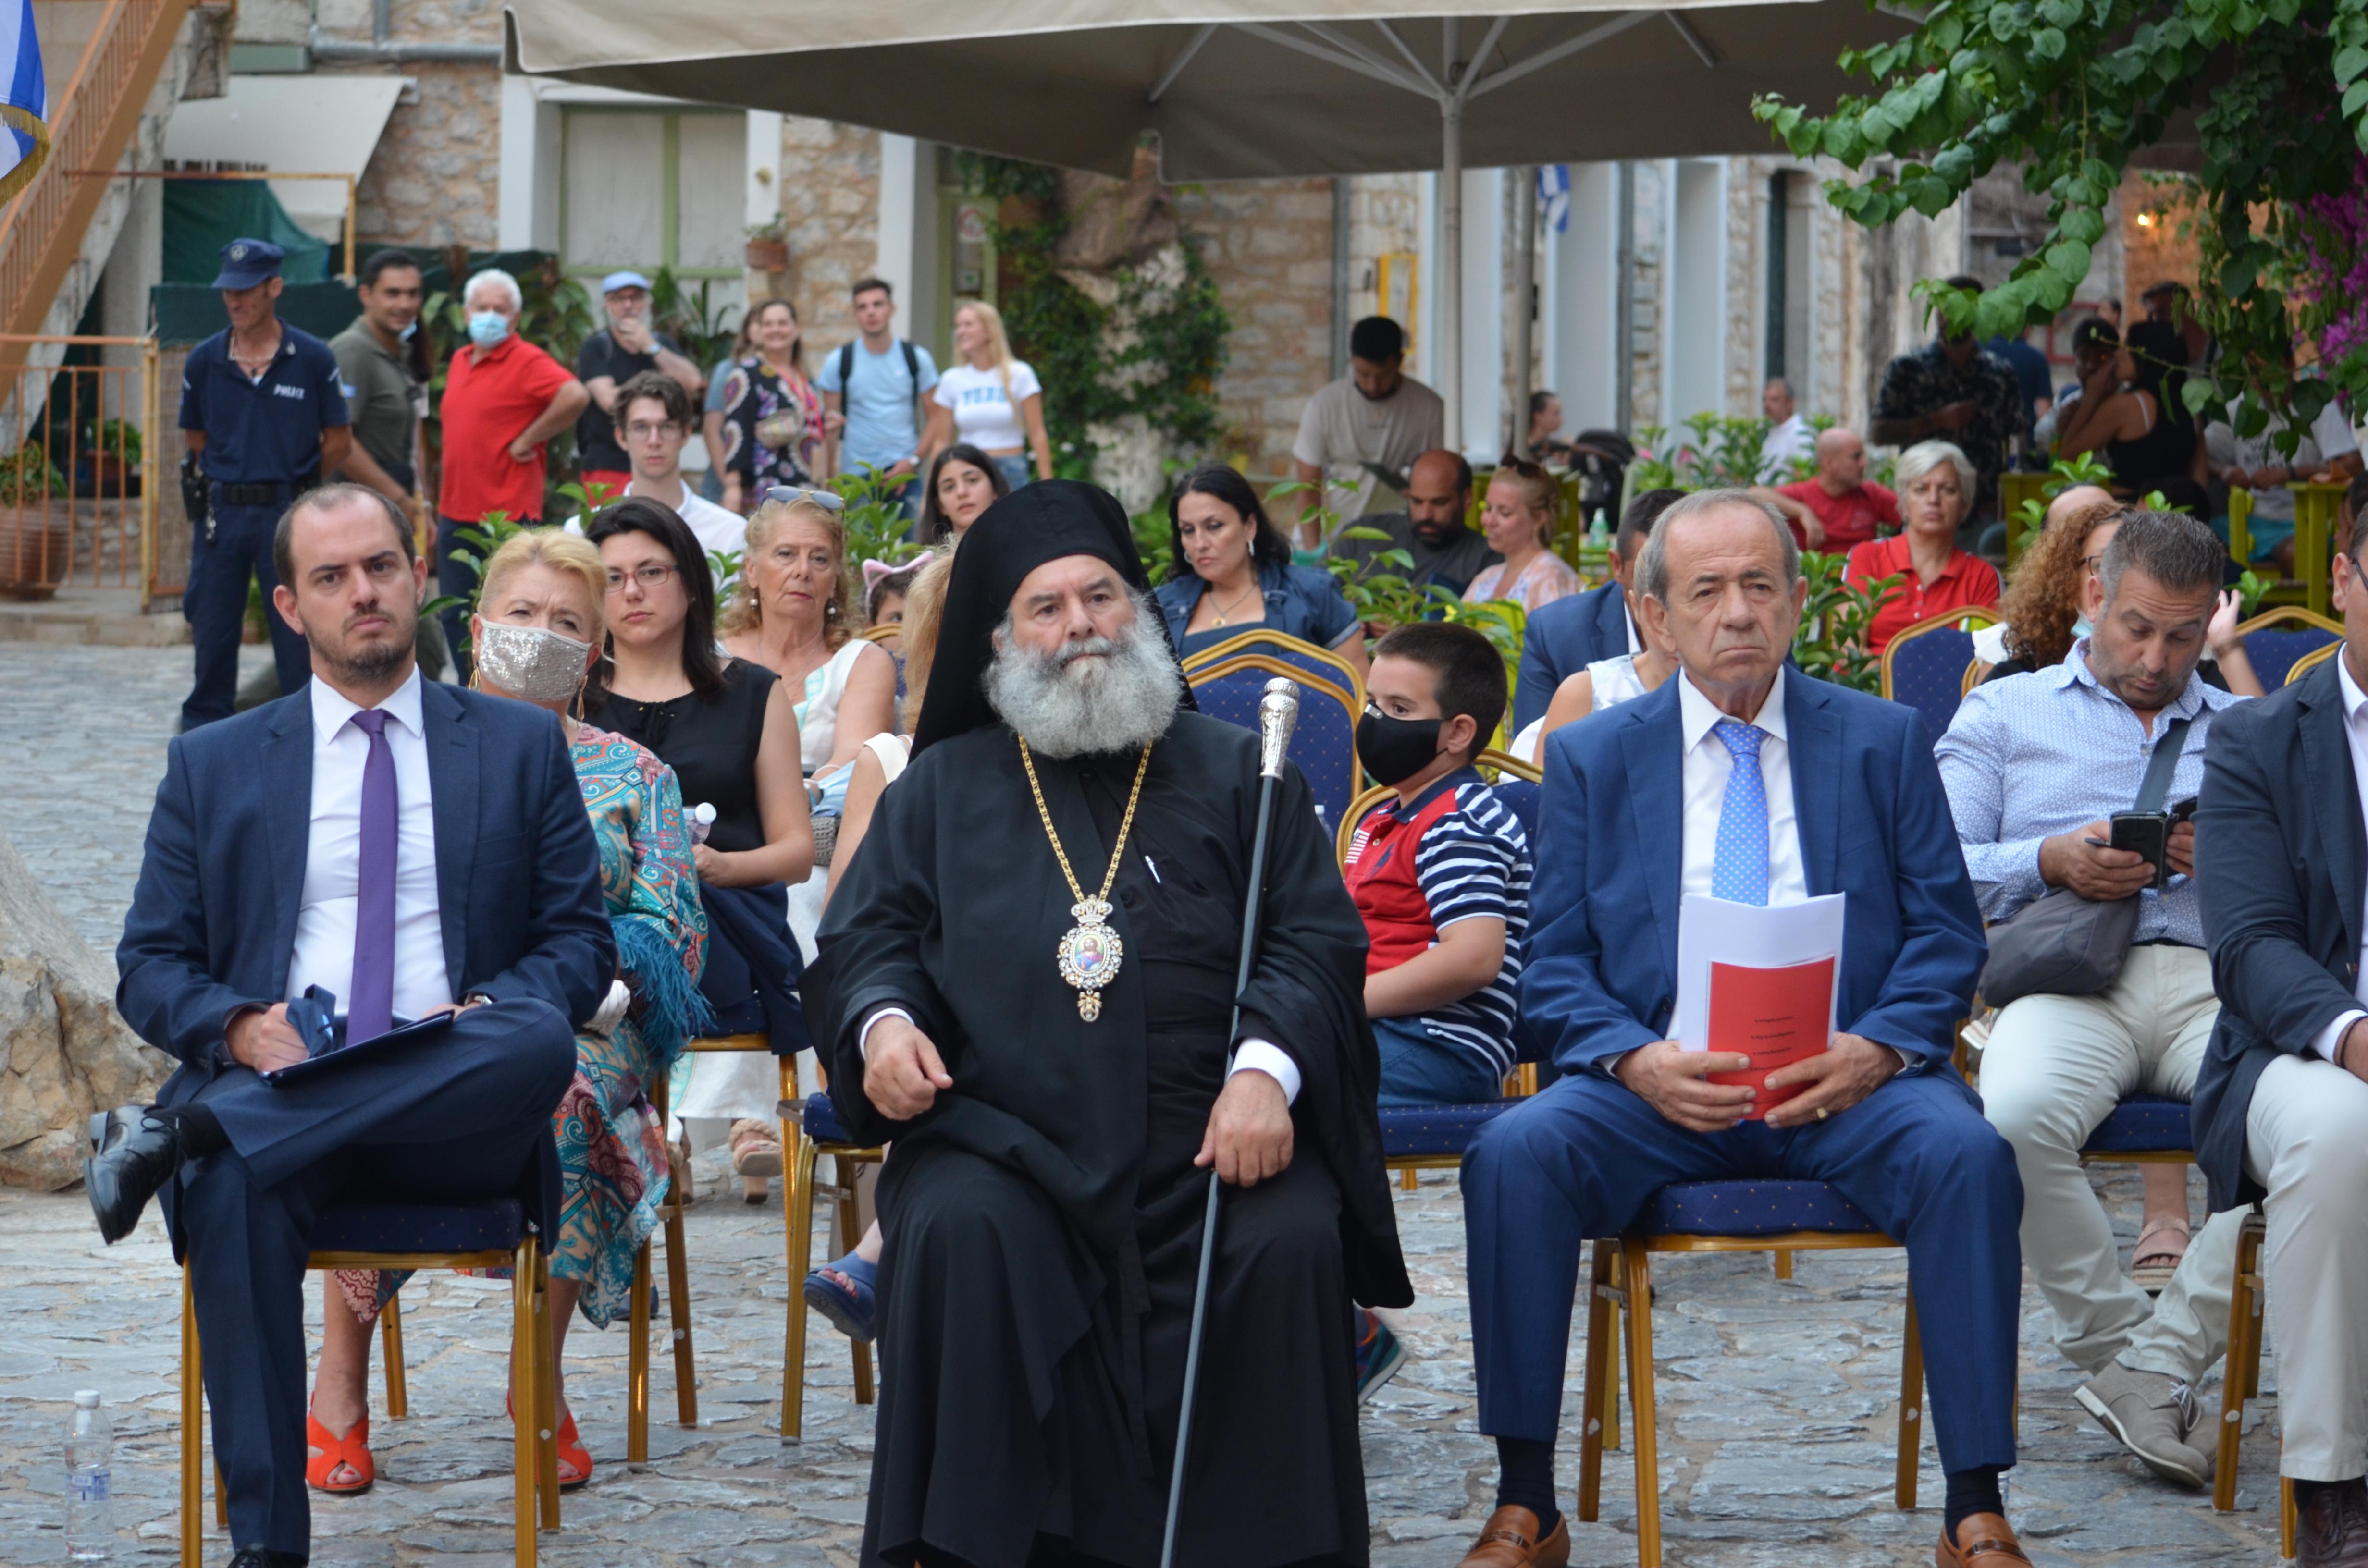 Υφυπουργός Δικαοσύνης κ. Γεώργιος Κώτσηρας - Σεβασμιότατος Μητροπολίτης κ.κ. Χρυσόστομος Γ' - Δήμαρχος κ. Πέτρος Ανδρεάκος